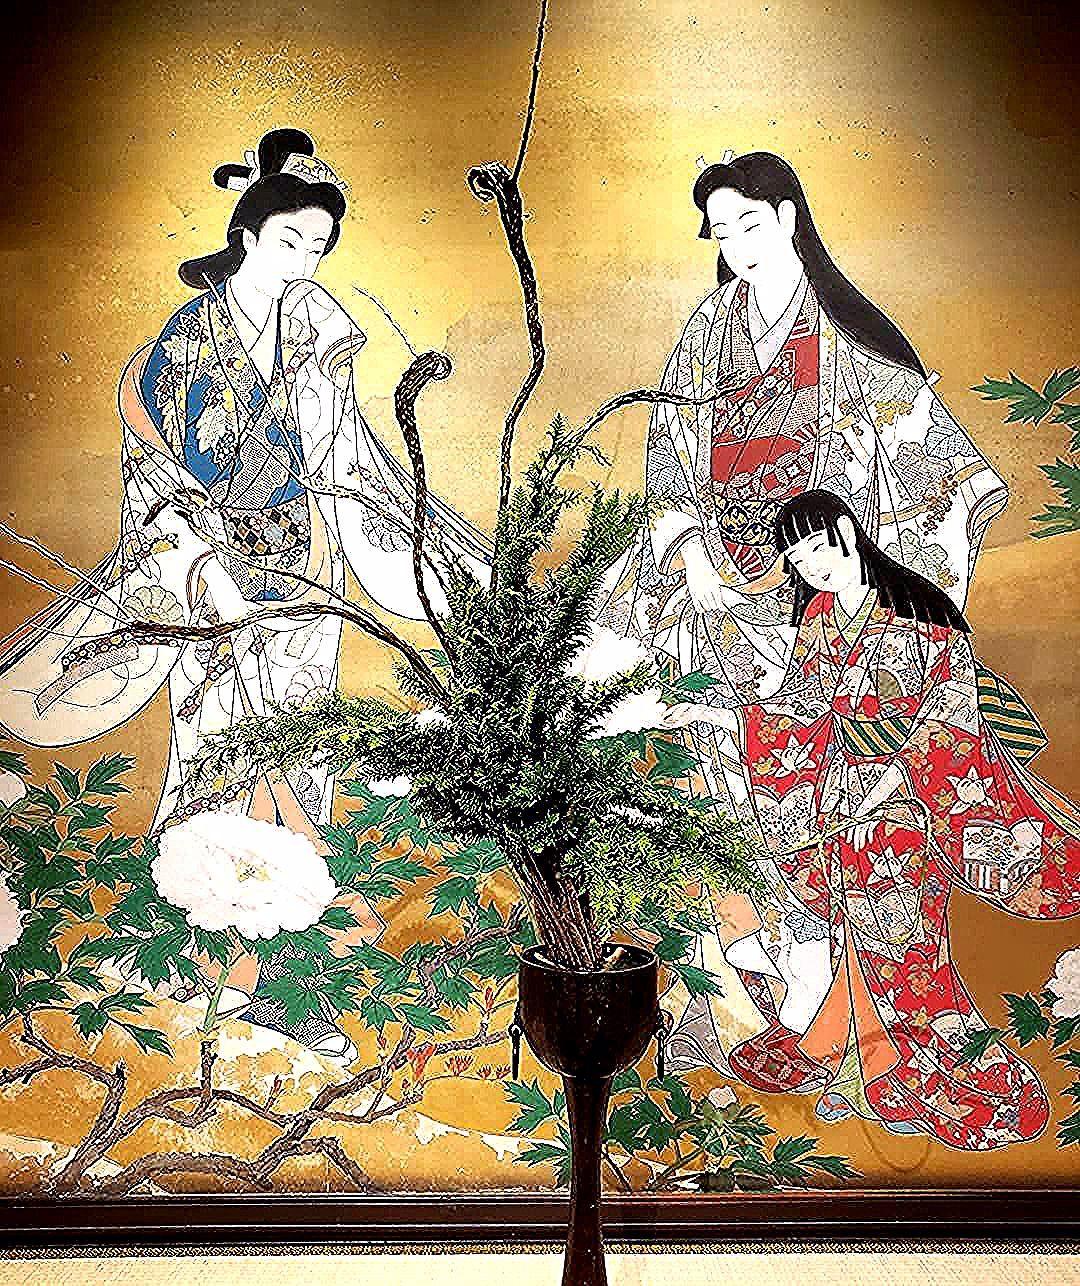 🌸いけばな×百段階段2019🌸  雅叙園での花展へ行ってきました😉✨ 華道は空間の美学🌸だからこそ有形文化財である百段階段での展示は見応えがありました😆🌸 花も空間も素晴らしかったです✨  ーーーーーーーーーーーーーーーーーーーーーーーー#雅叙園 #目黒雅叙園 #百段階段  #着物 #着物ランチ #kimono #目黒 #花展 #いけばな #花のある暮らし #ガーデニング #フラワーアレンジメント #フラワーギフト #フォトレッスン #花好きな人と繋がりたい #flower #flowerarrangement #flowerlover #flowerstagram #flowerarrangement #flowergarden #bouquet #weddingbouquet #happy #instagood #instaflower  #weekendflower